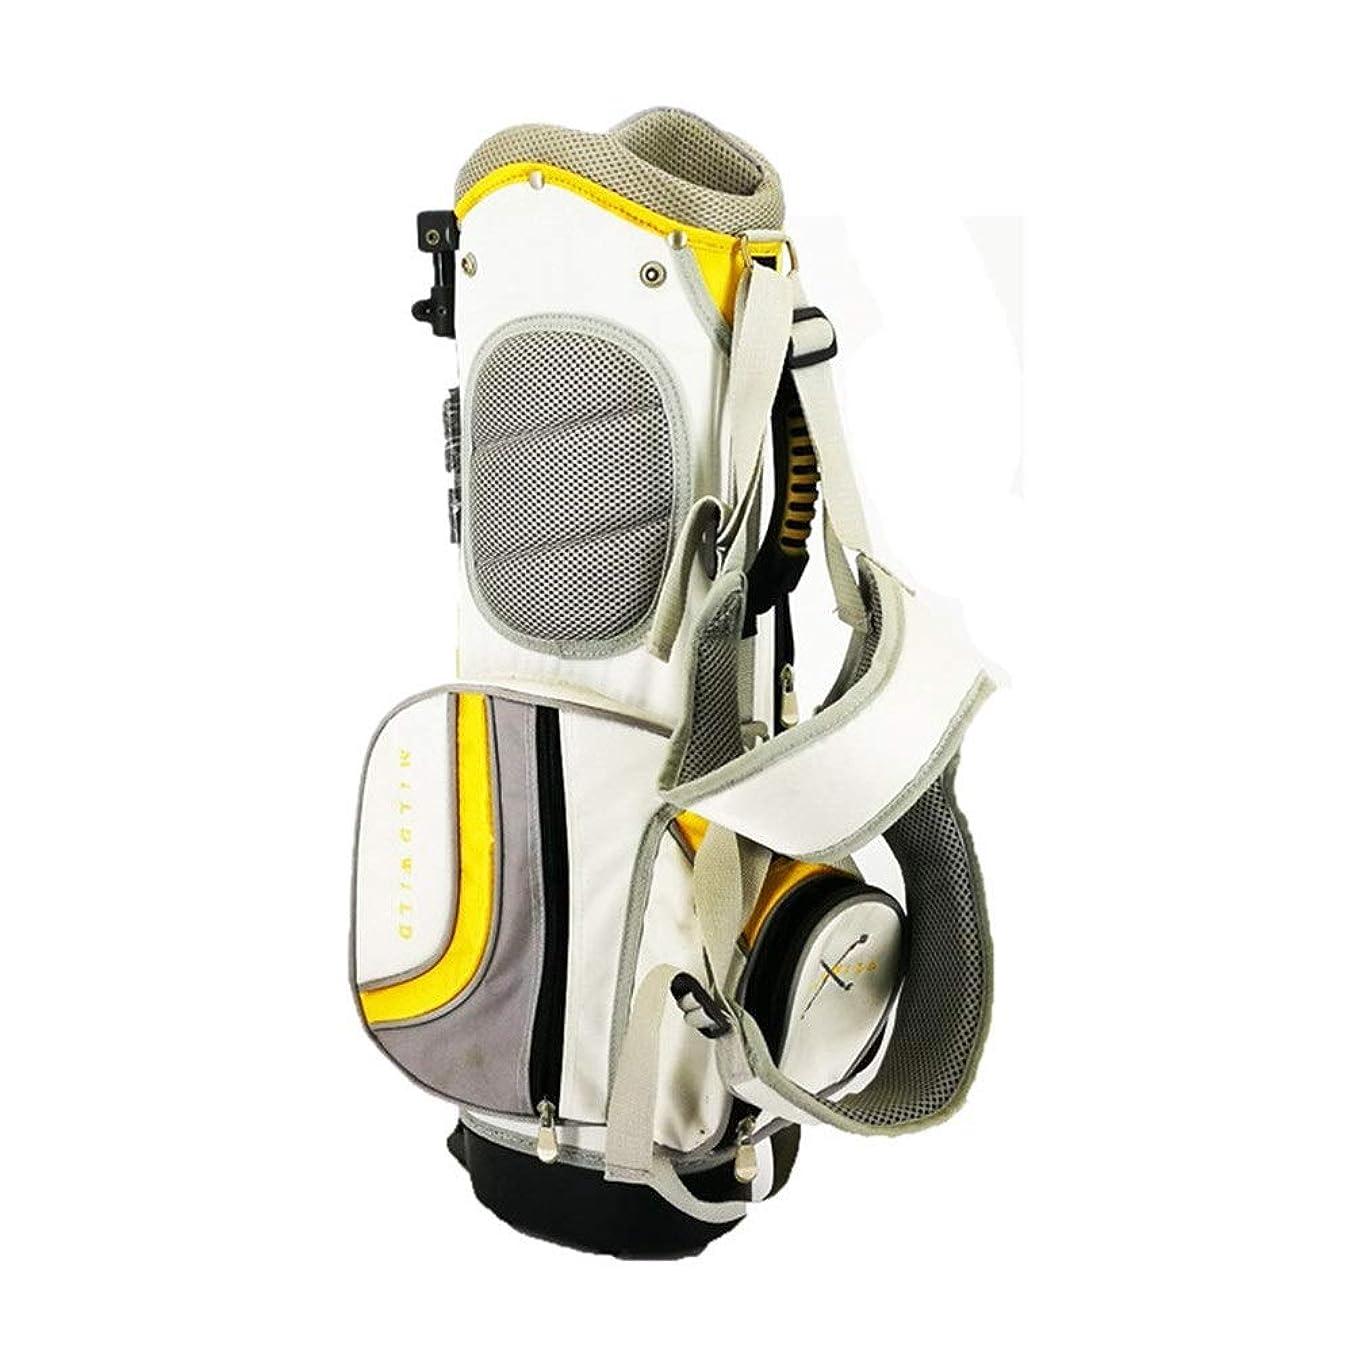 余剰勇者安心させるゴルフバッグ ポリエステル子供用スタンドバッグゴルフバッグゴルフスタンドバッグ防水ゴルフキャリーバッグ大人用ゴルフアクセサリースポーツ乗馬ハイブリッドウォーキングゴルフバッグ ベビーカー用ゴルフバッグ (色 : 黄, サイズ : ワンサイズ)